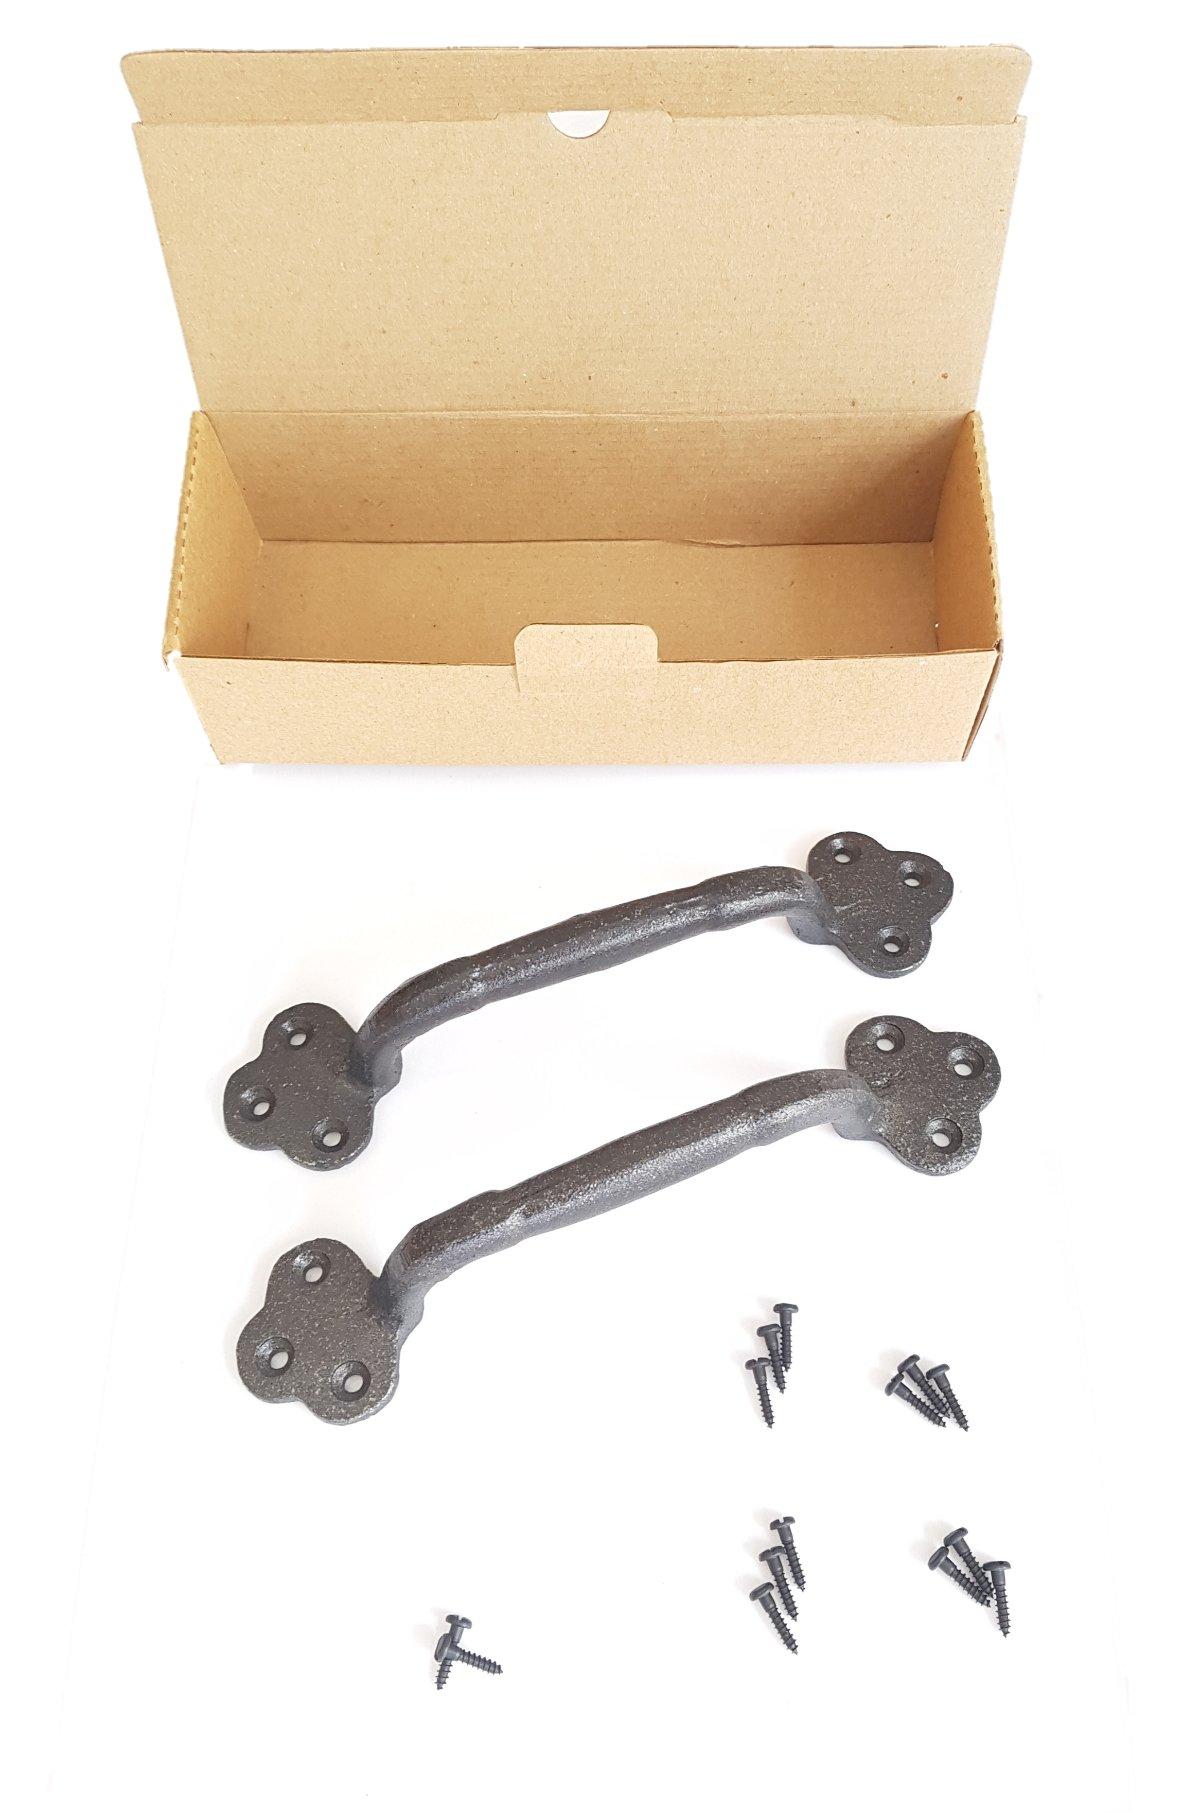 Rustic Cast Iron Gate Door Handle Pull Set of Two With Matching Screws, Barn Door Handle, Door Pulls, Antique Door Hardware, Rustic Handles by DOFER (Image #5)